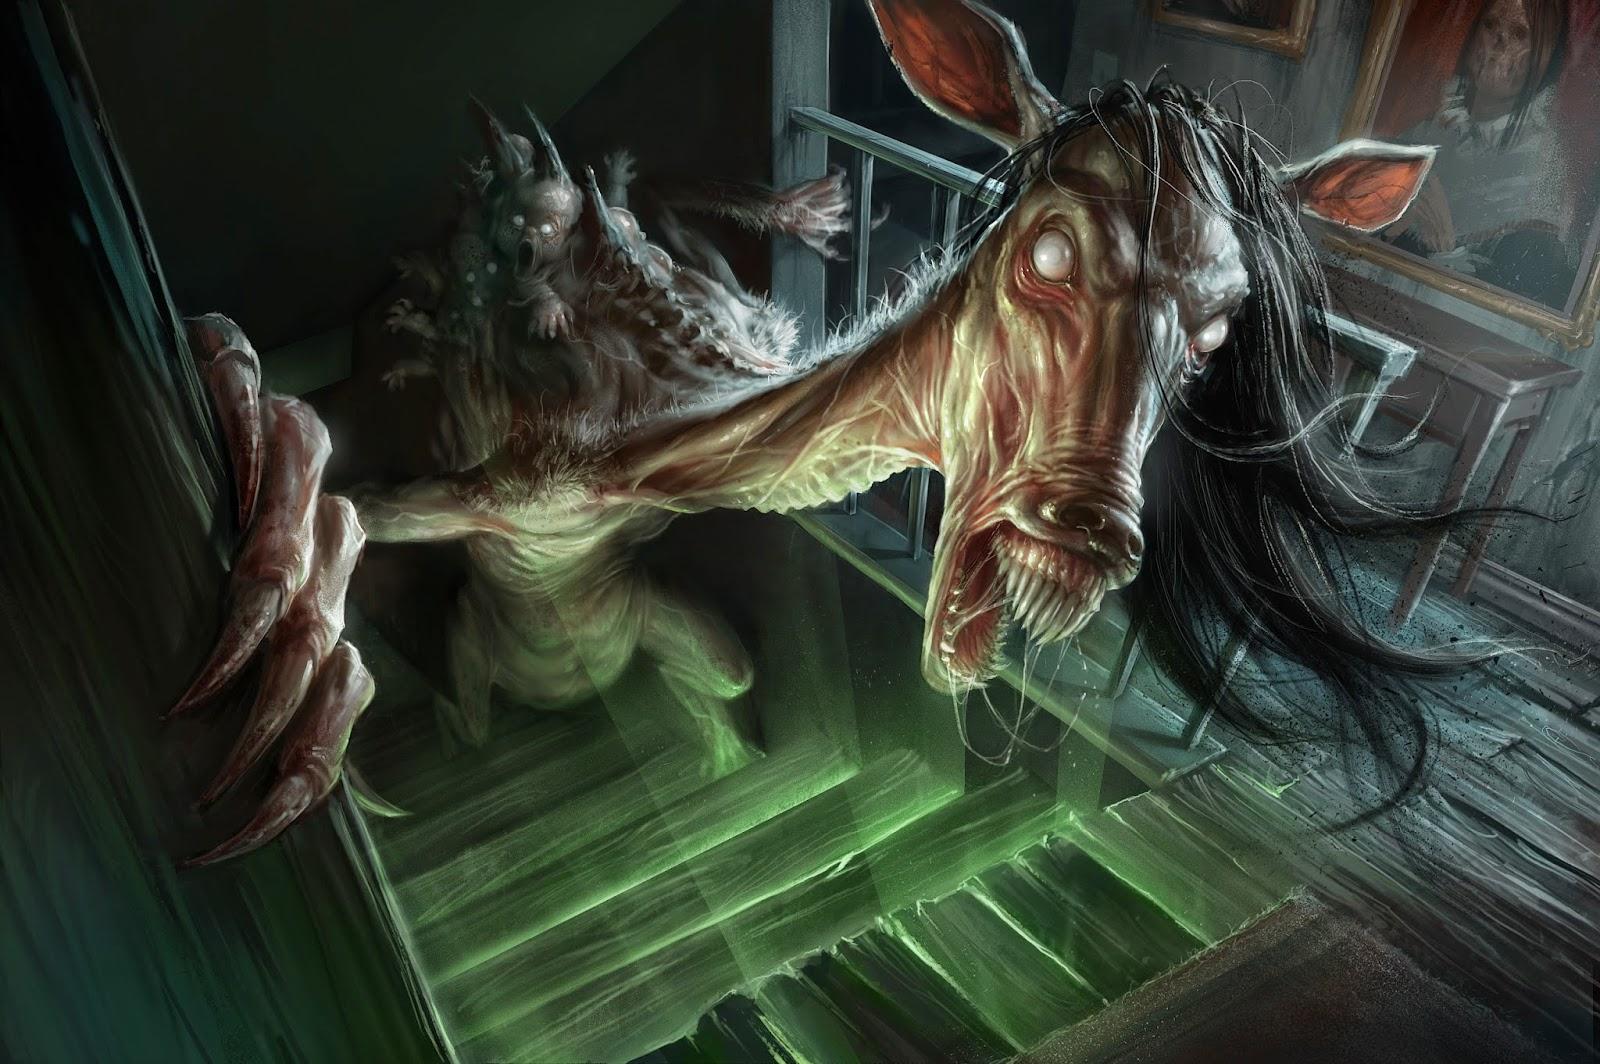 illustration de David Sladek representant un monstre à tete de cheval dans un escalier